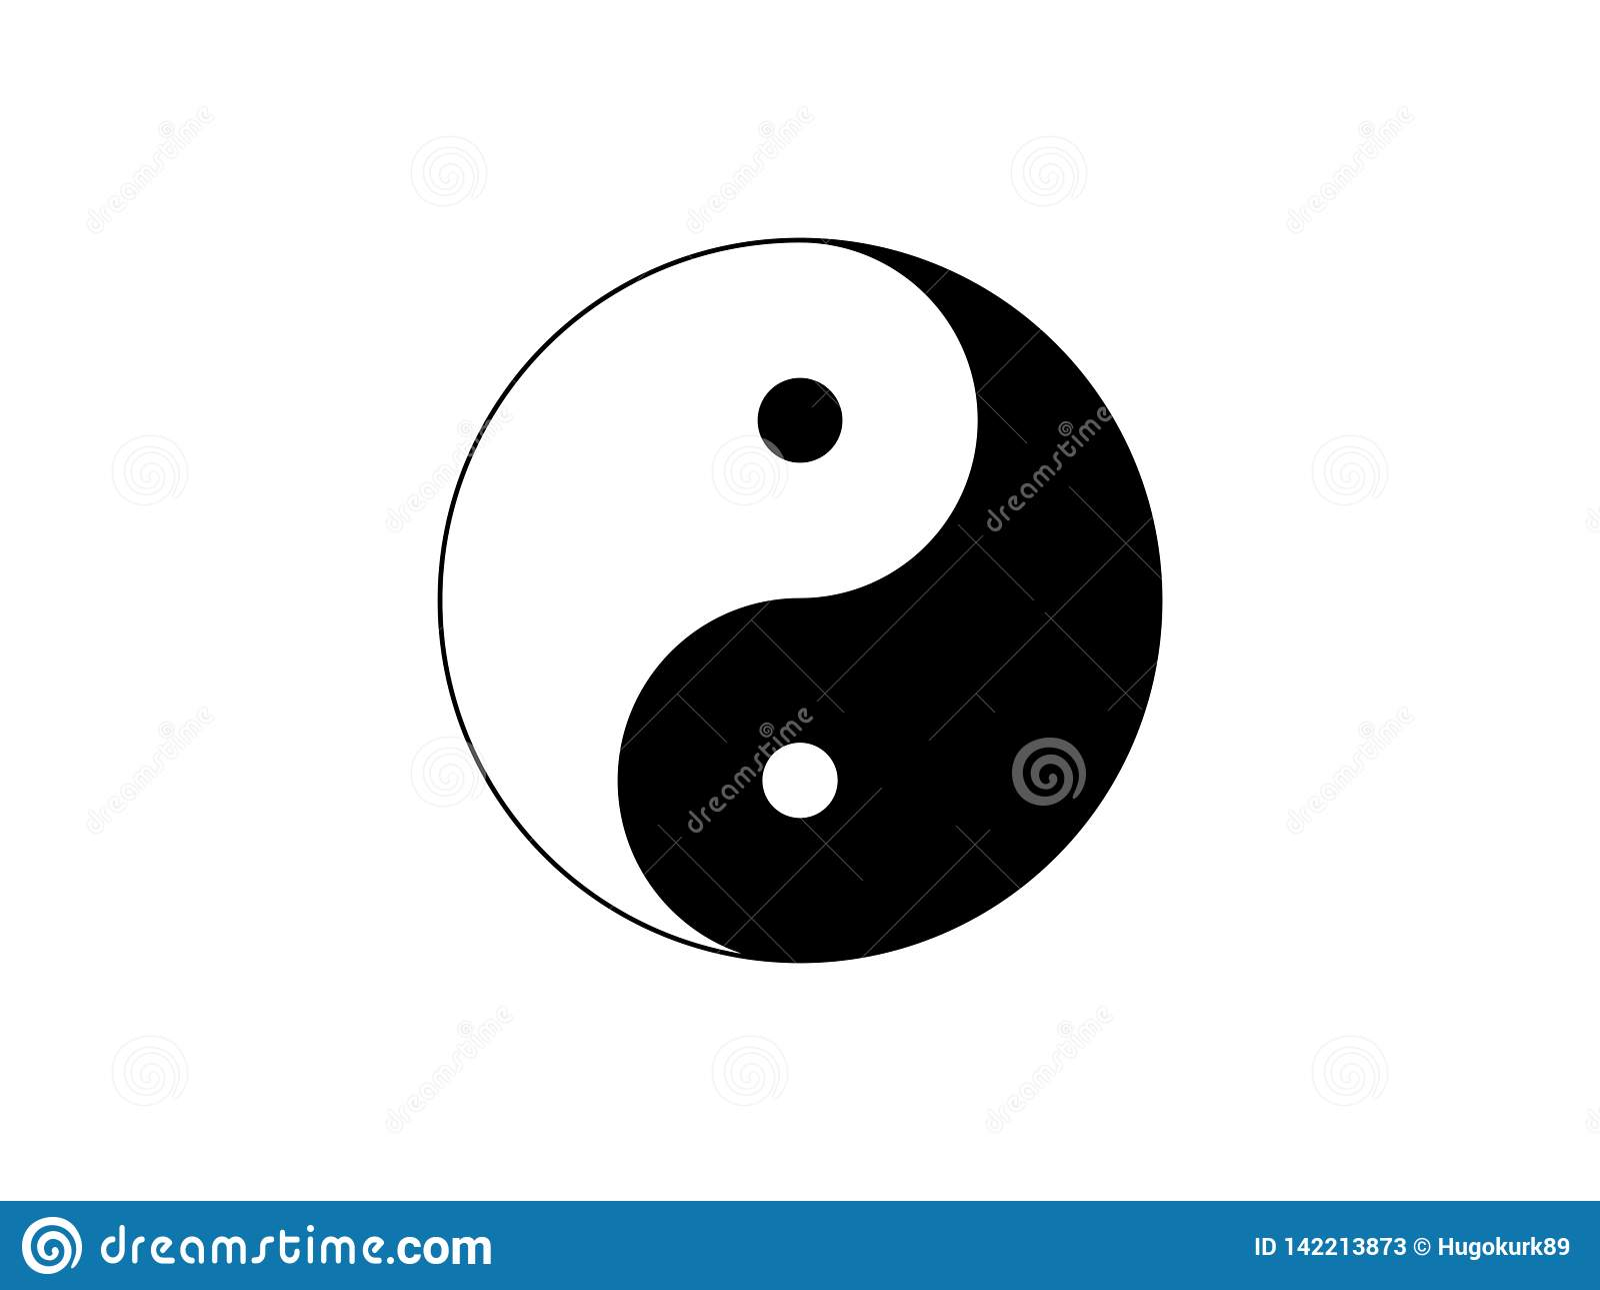 Yin Yang symbol icon isolated